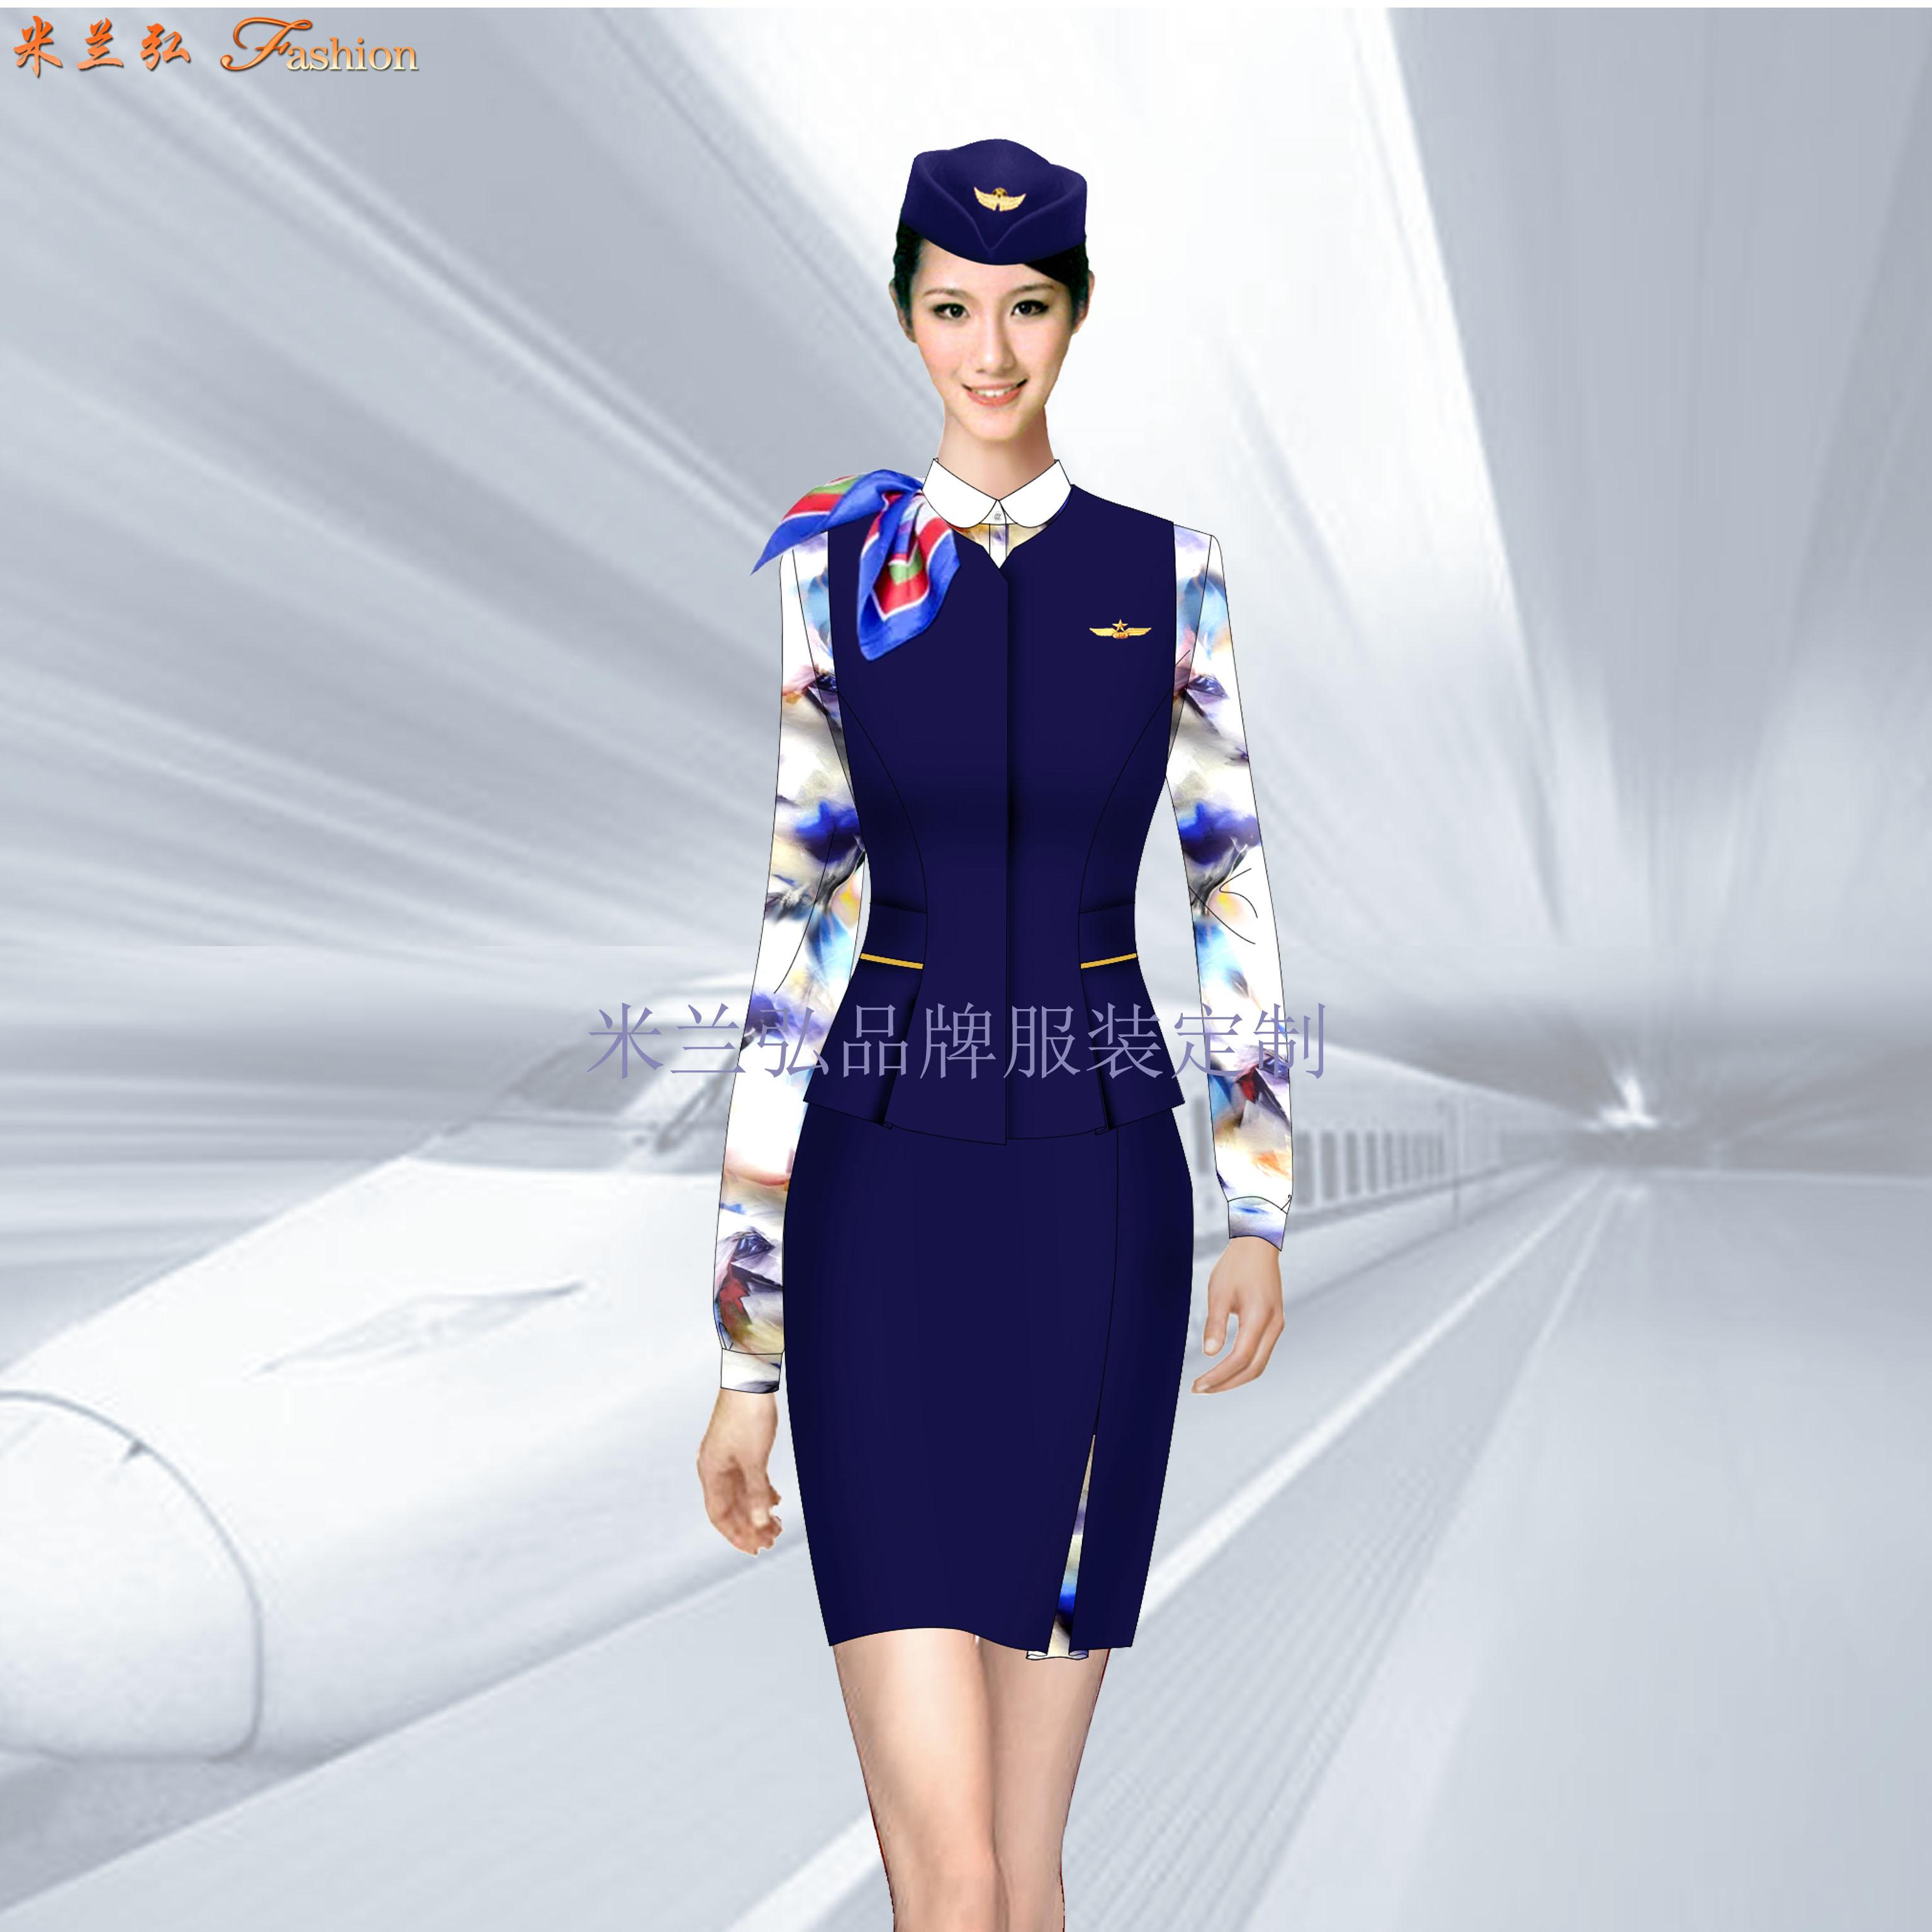 「鐵路正規工作服」高鐵工作服公司-米蘭弘服裝廠家-2